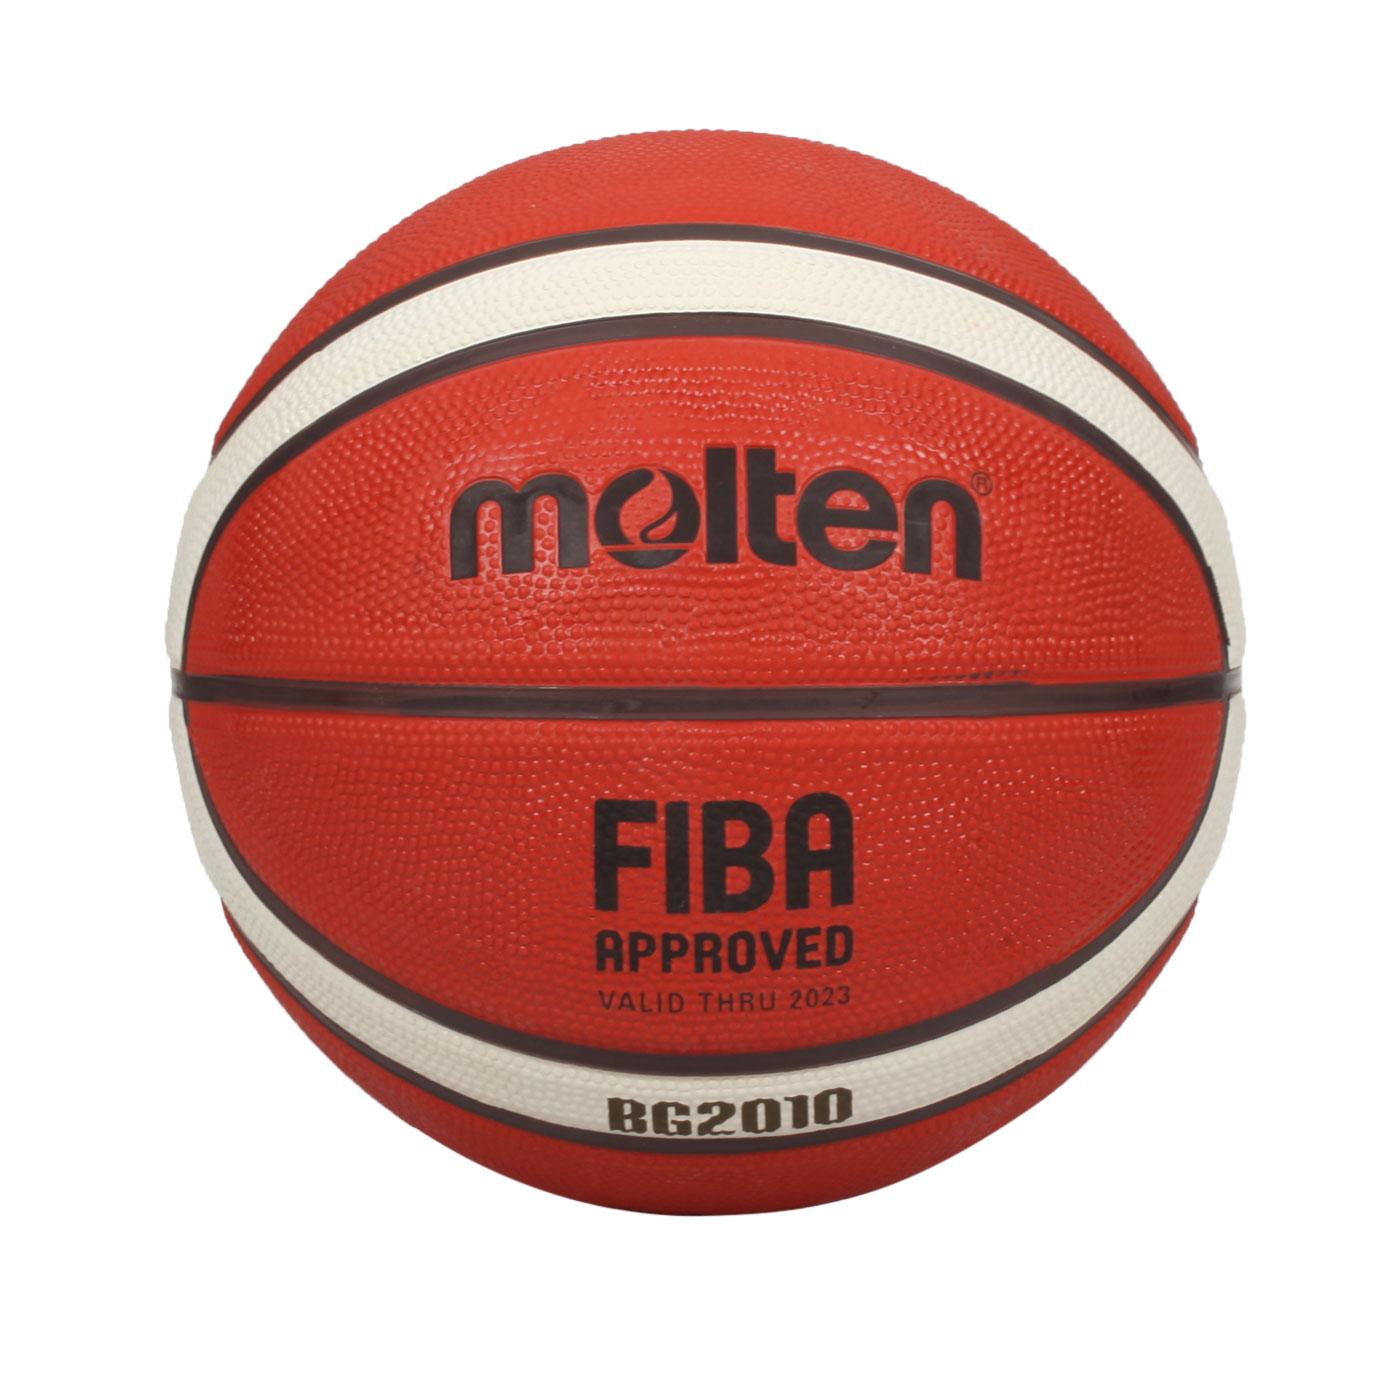 Molten 12片橡膠深溝籃球#6 B6G2010